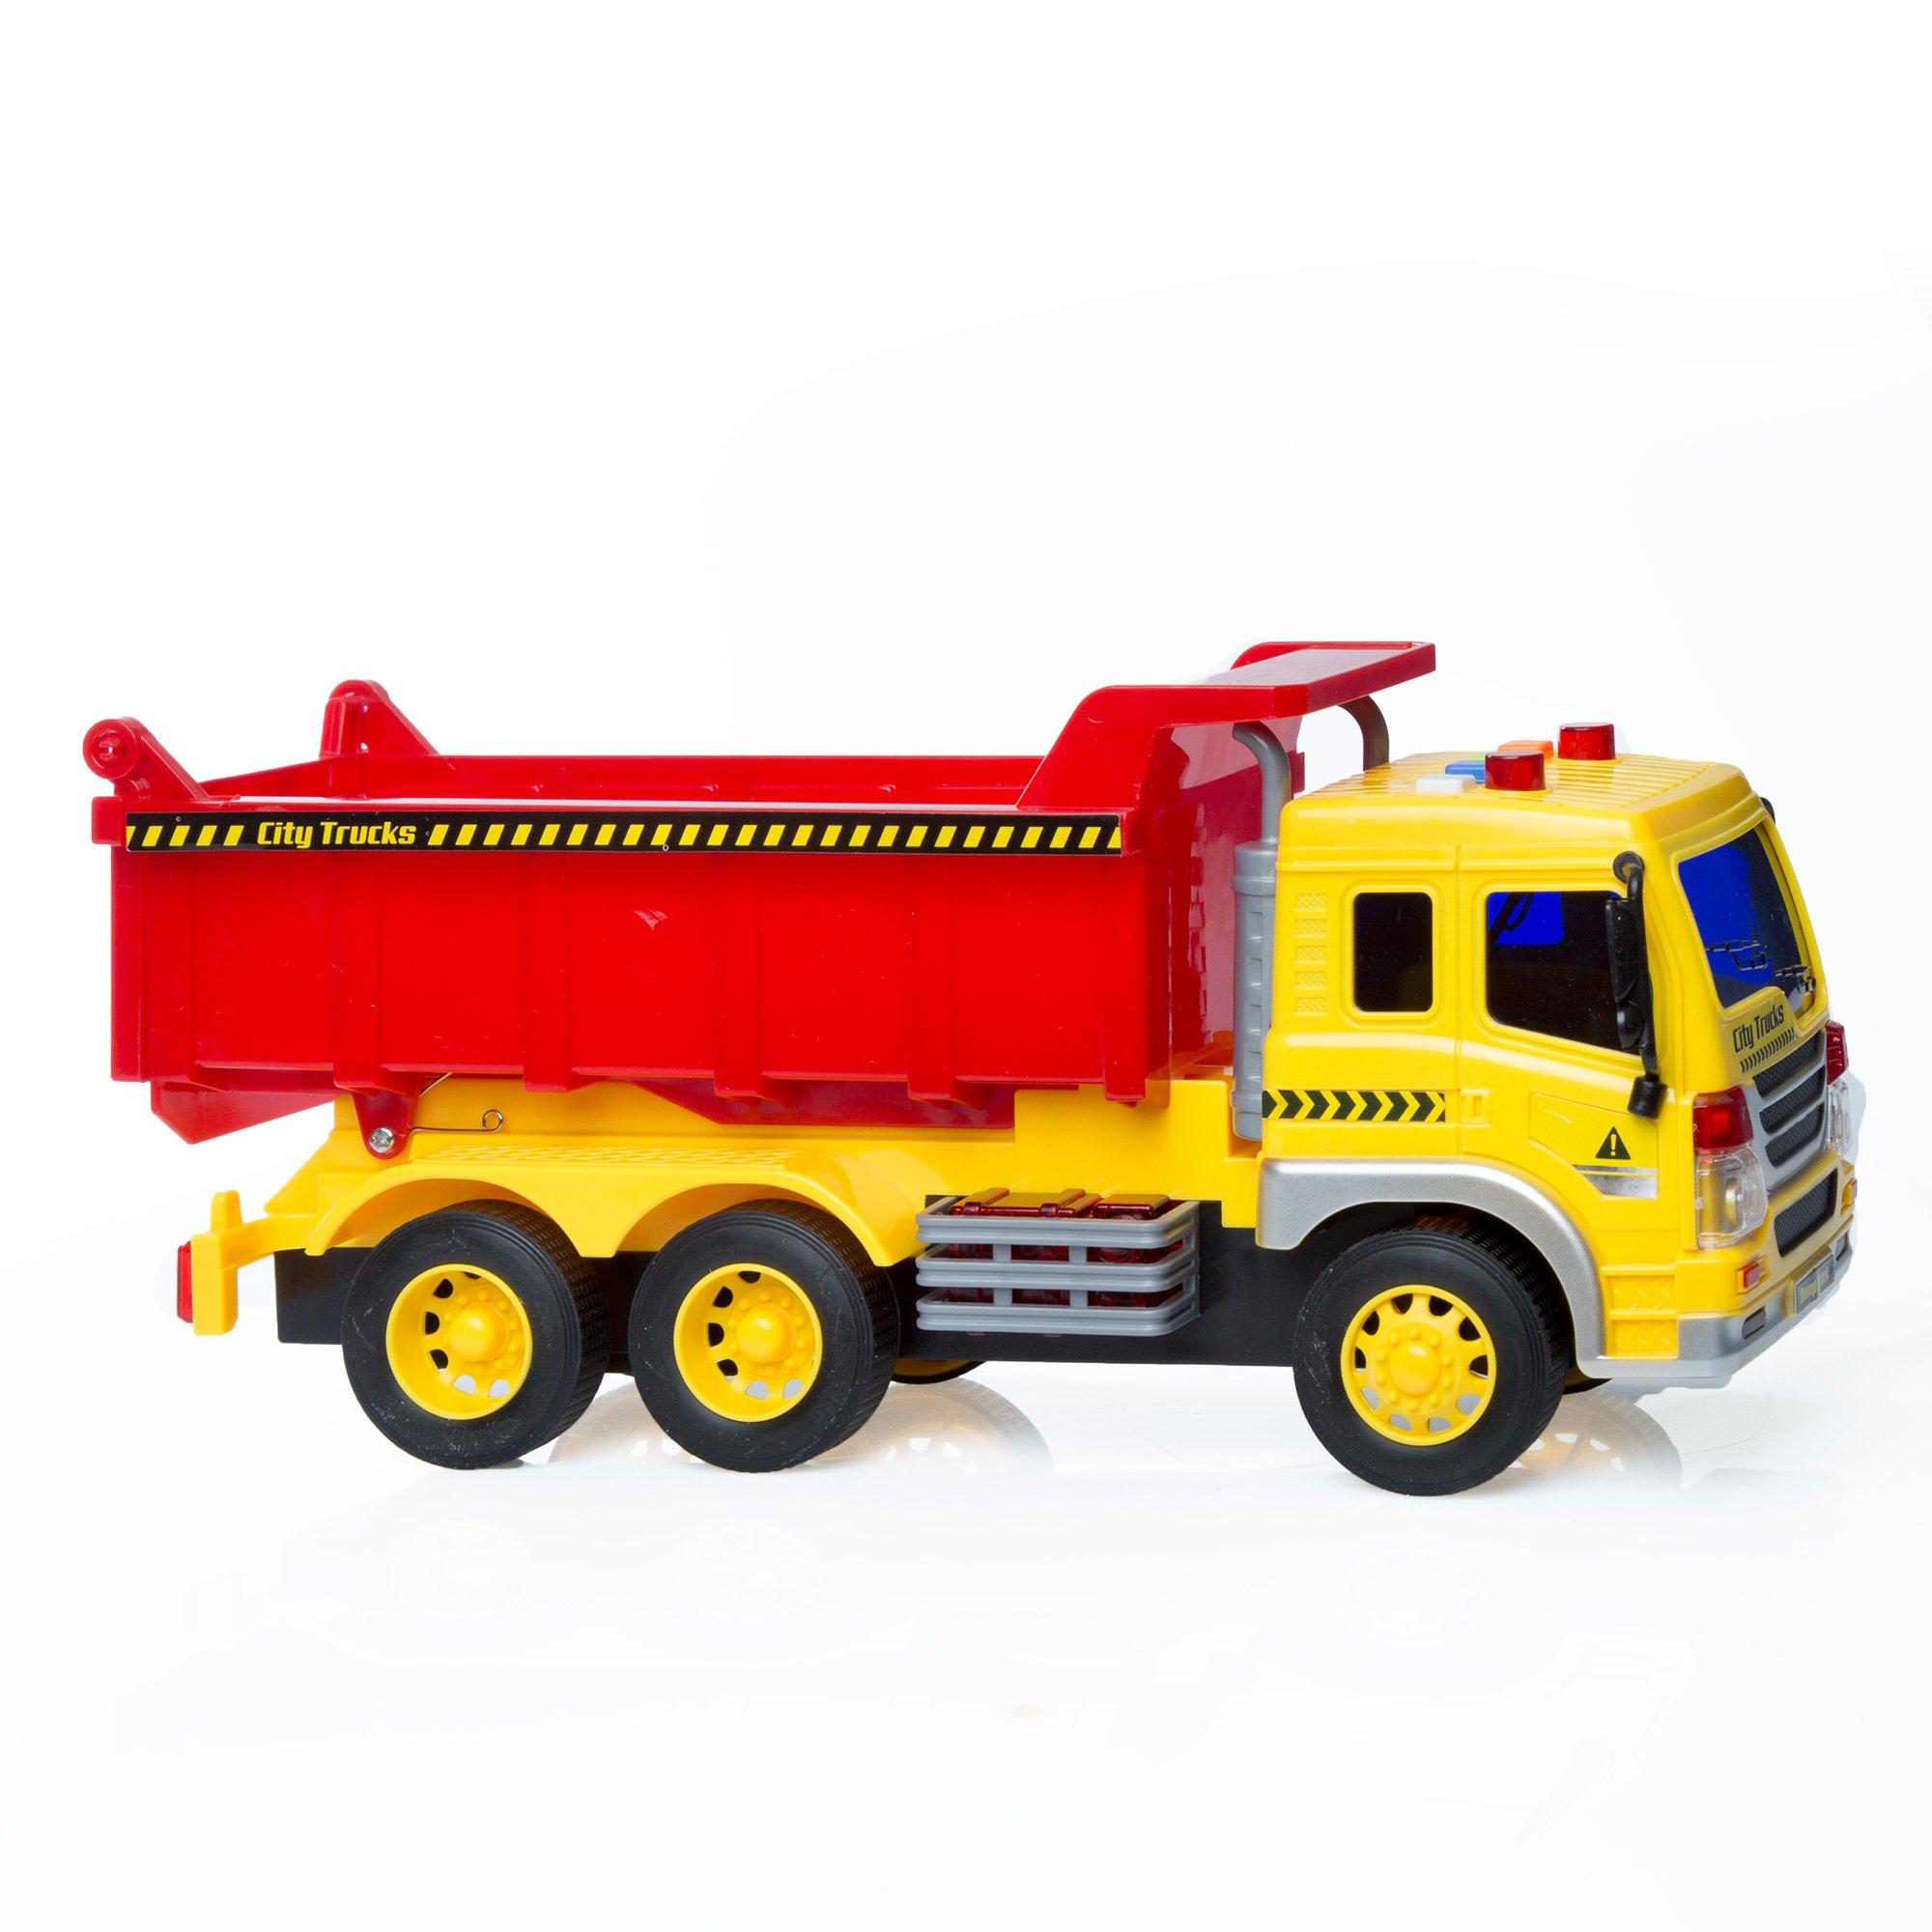 dump truck toys for toddler kids 2 3 4 year old boy car truck toy lights sound 688941046129 ebay. Black Bedroom Furniture Sets. Home Design Ideas